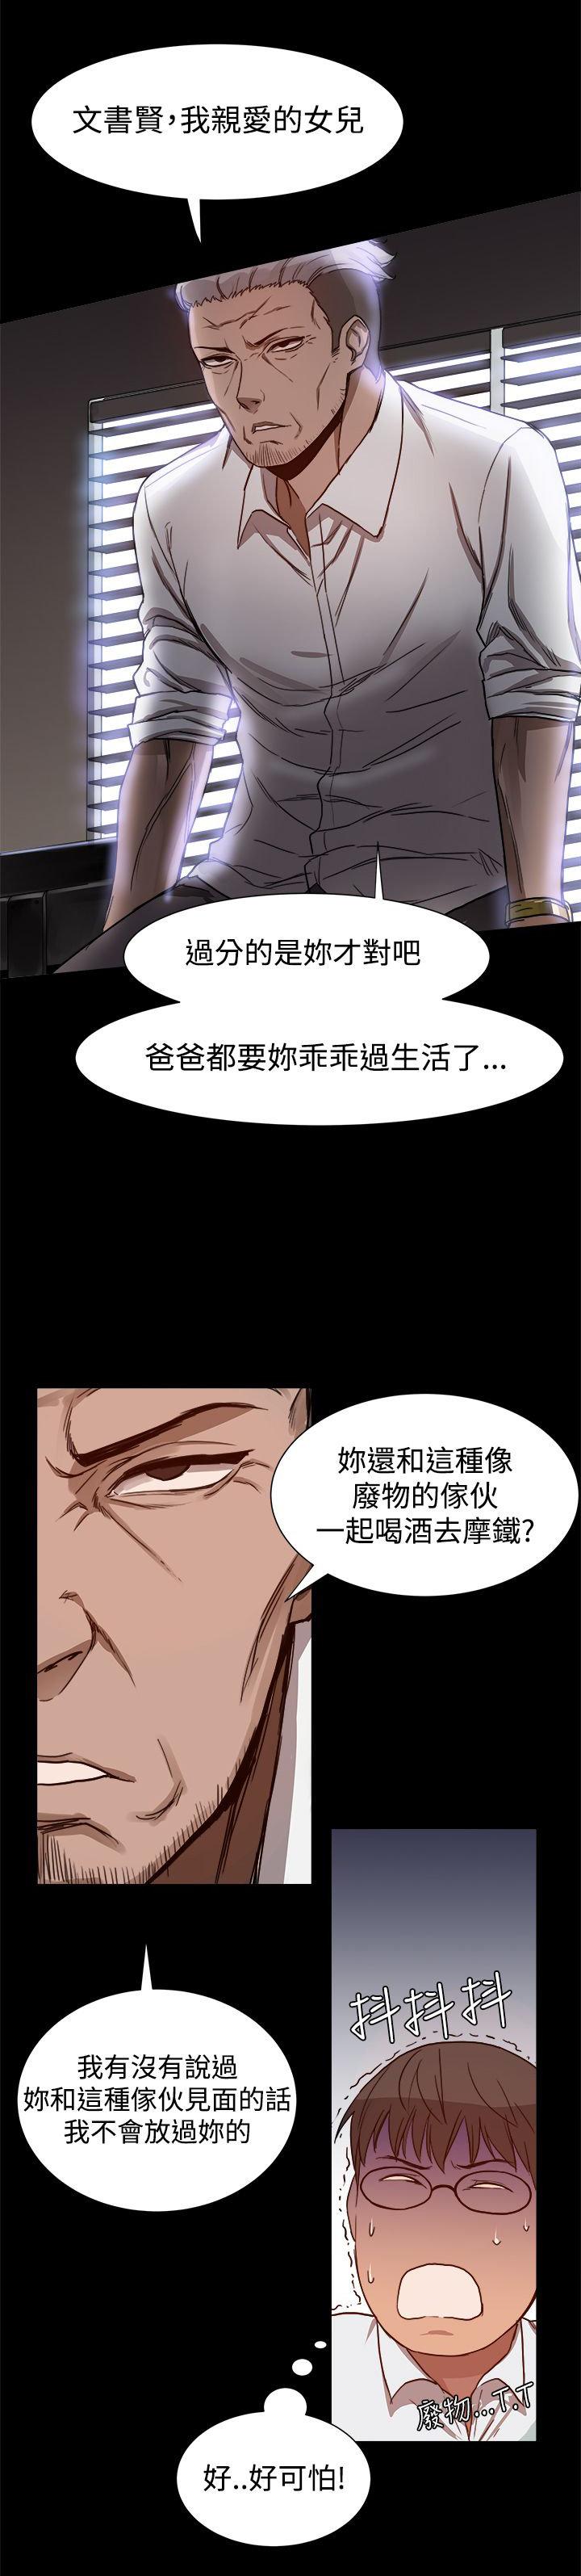 《Thrill Girl/幫派女婿》 第9話-精選韓國漫畫_中文全集無修免費閱讀